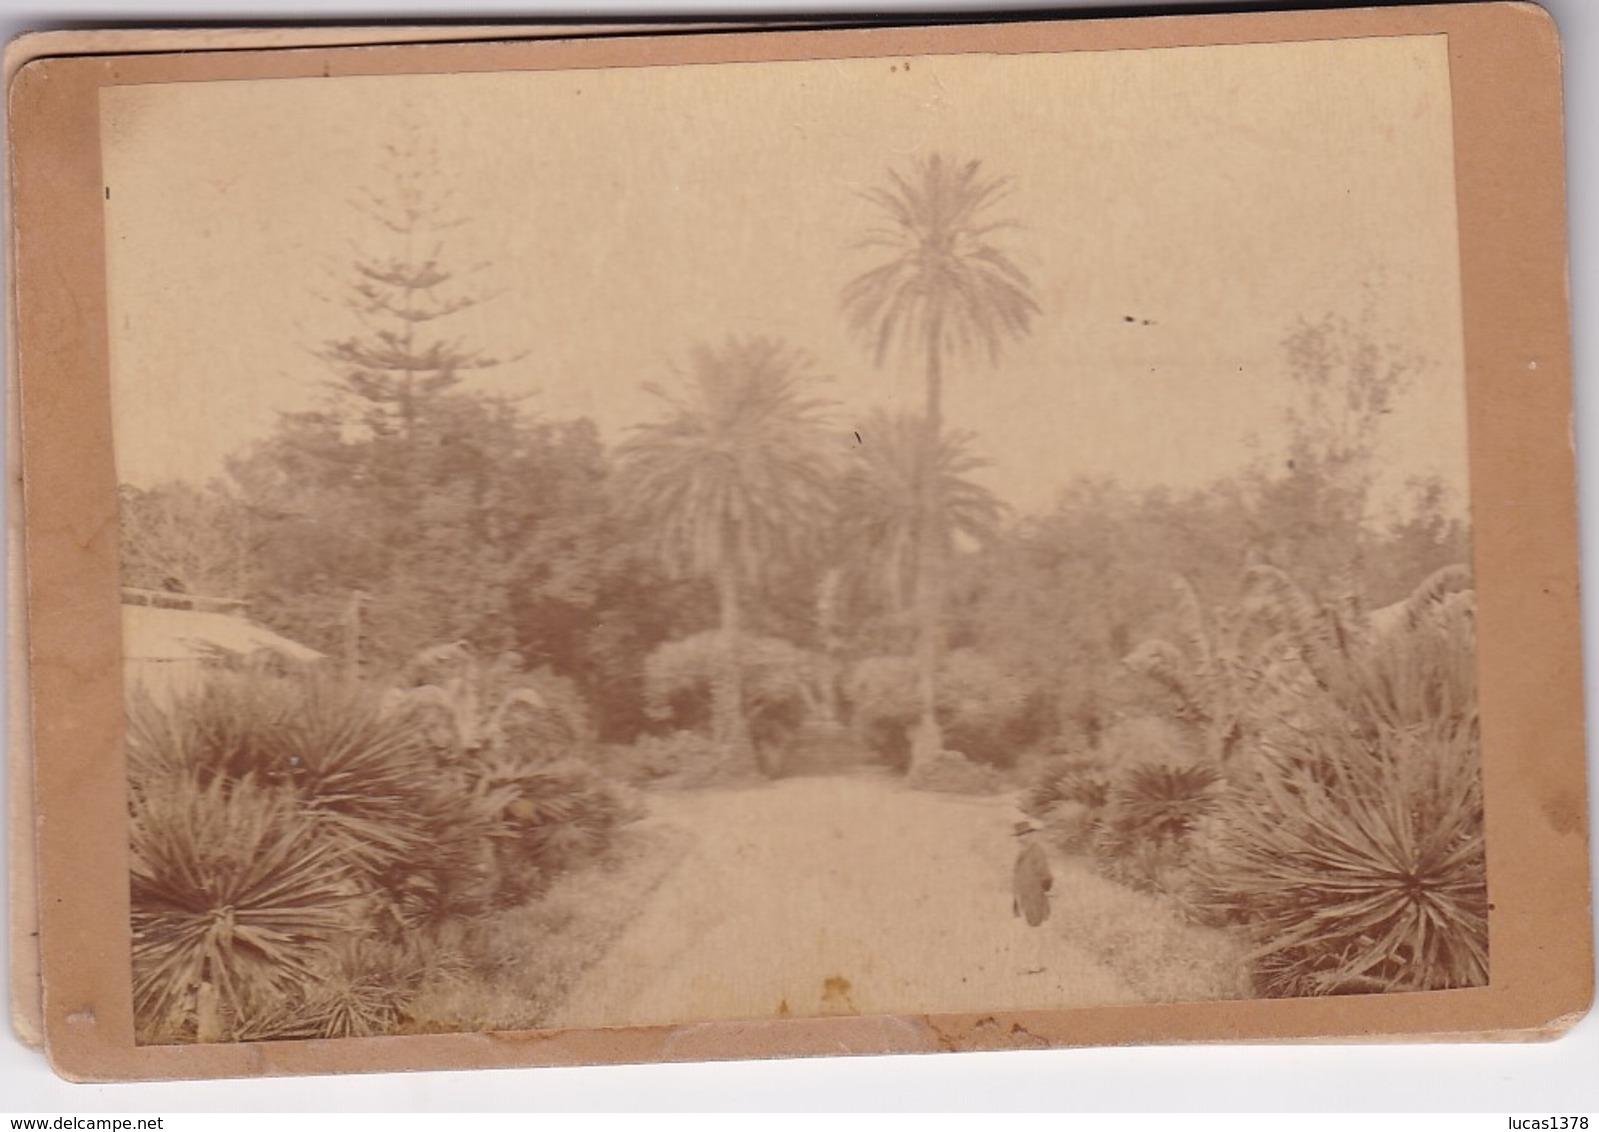 ALGERIE / ALGER / JARDIN D ESSAI / /   PHOTO COLLEE SUR CARTON - FIN XIXe DEBUT XXe Siècle / 16 X 10 CM - Anciennes (Av. 1900)